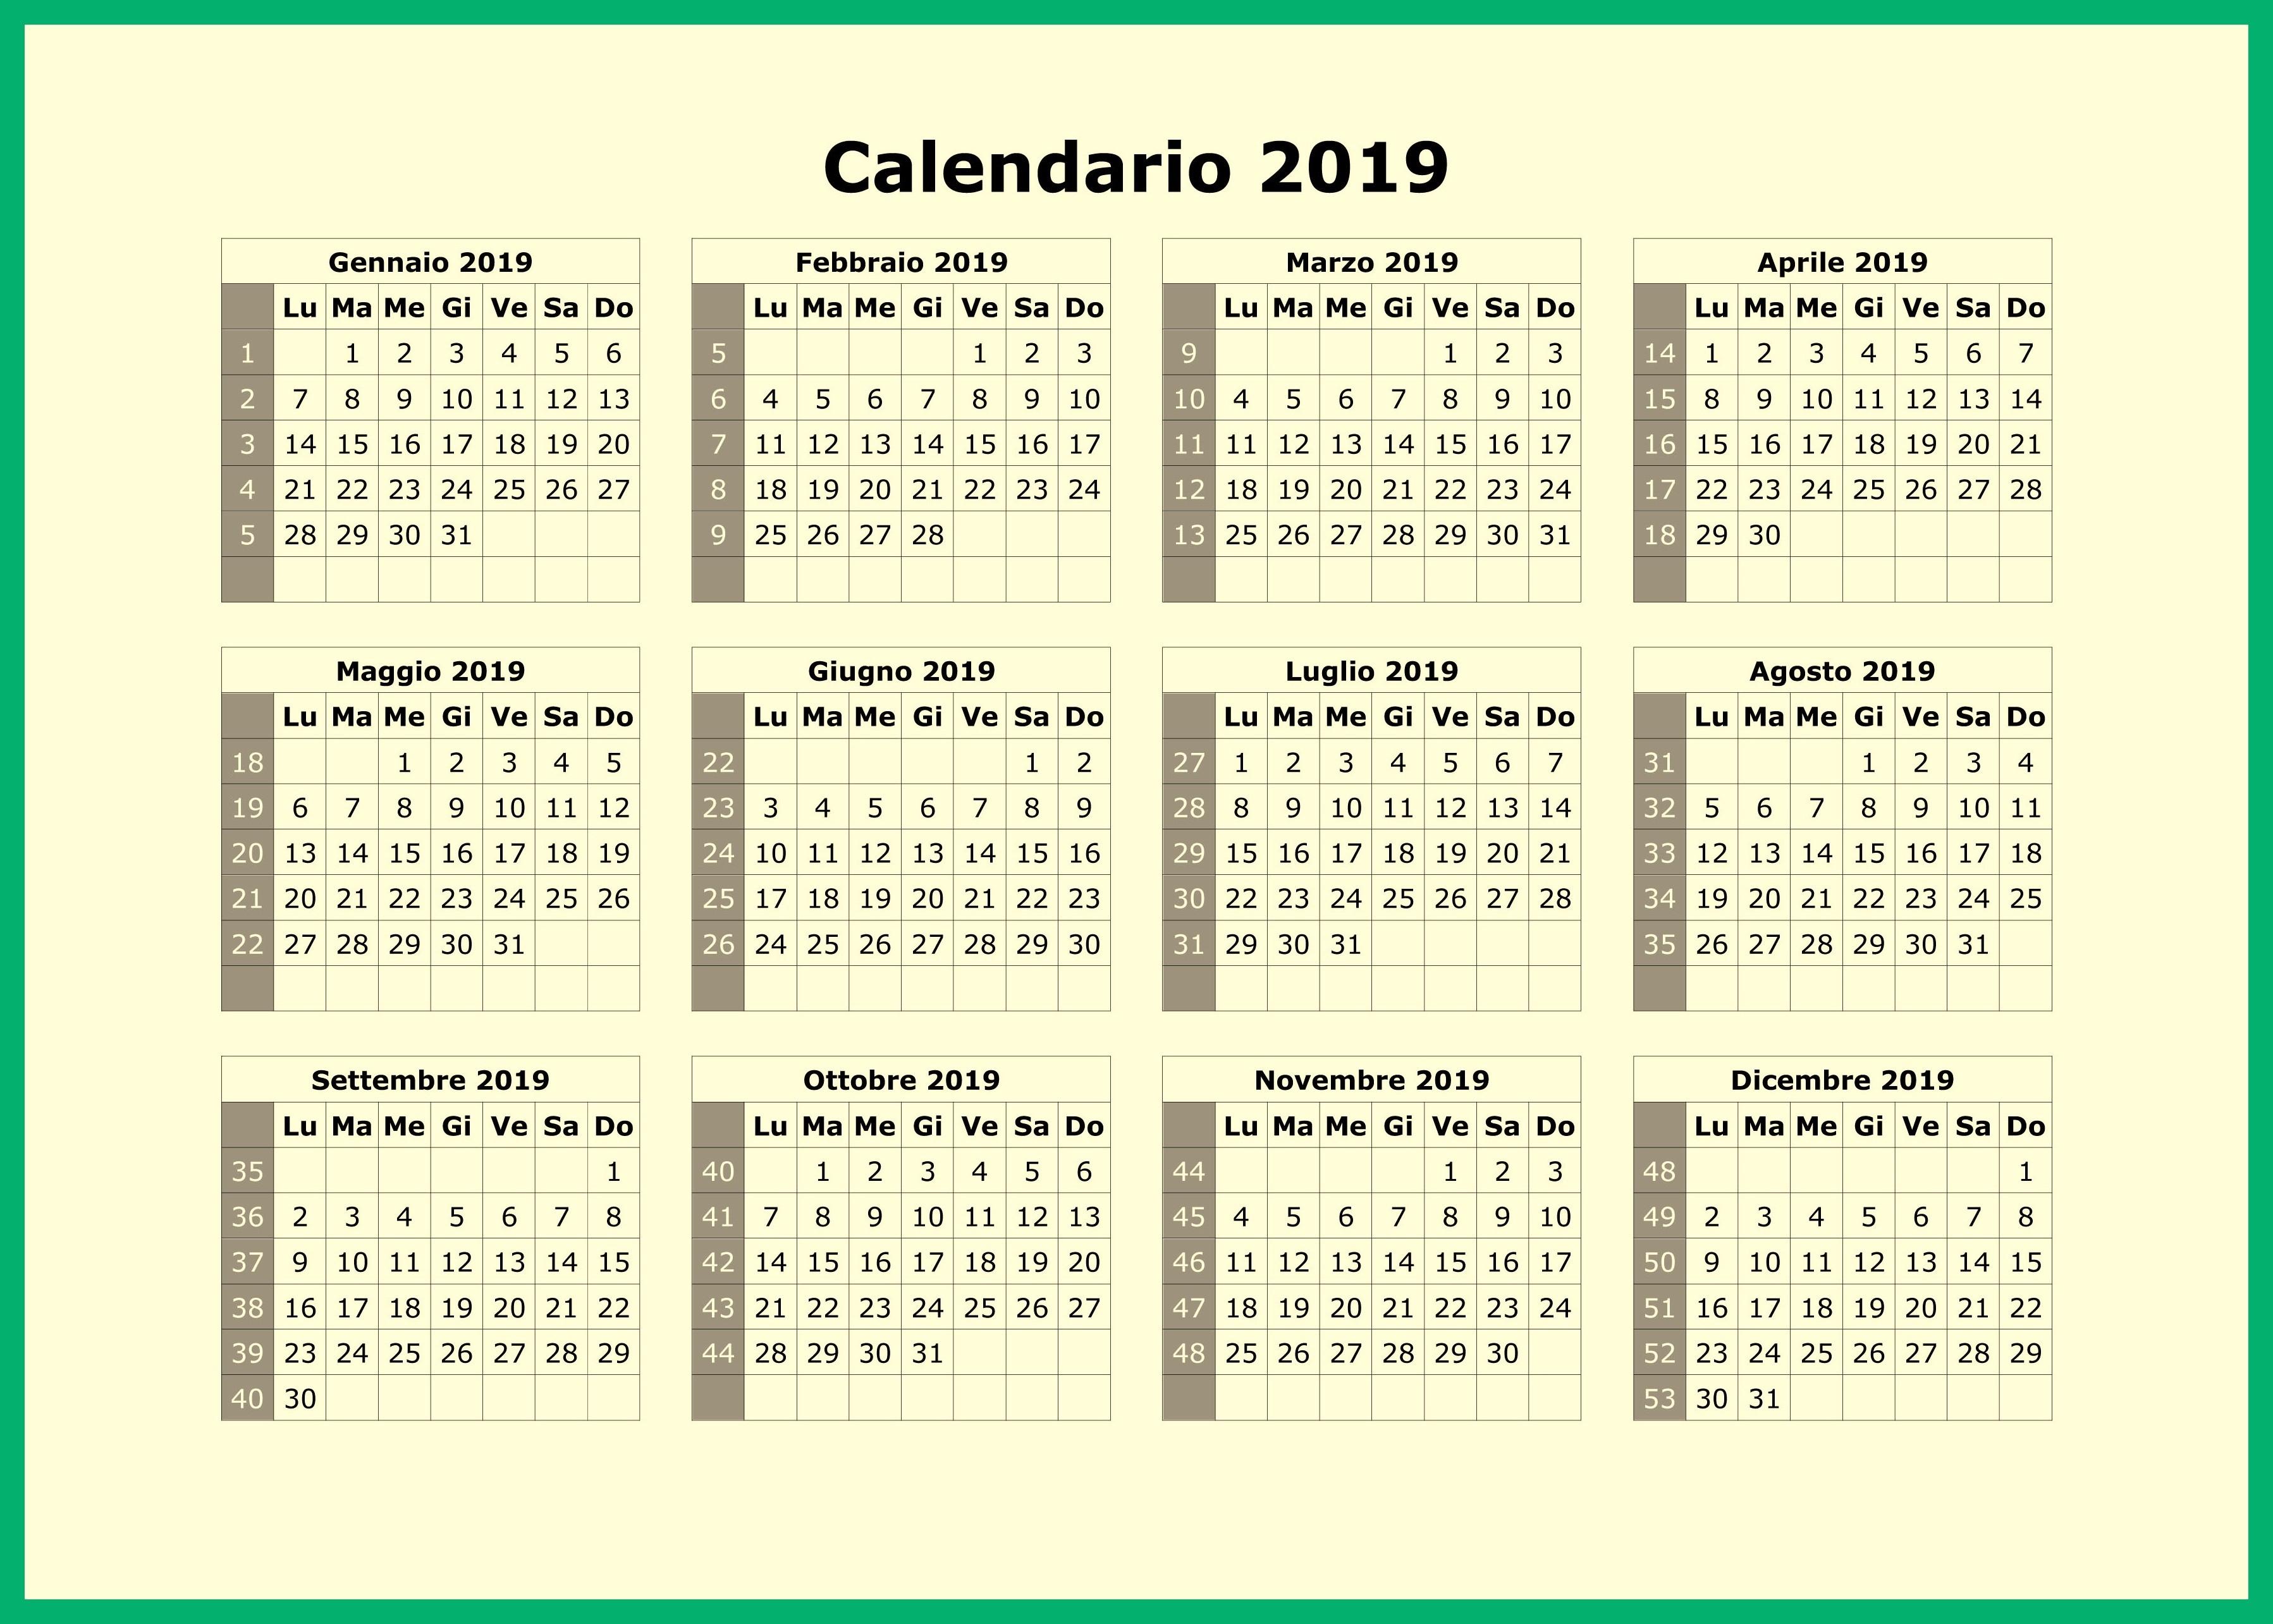 Calendario para imprimir por semestre con vacaciones 3595x2569 Calendario 2019 colombia word